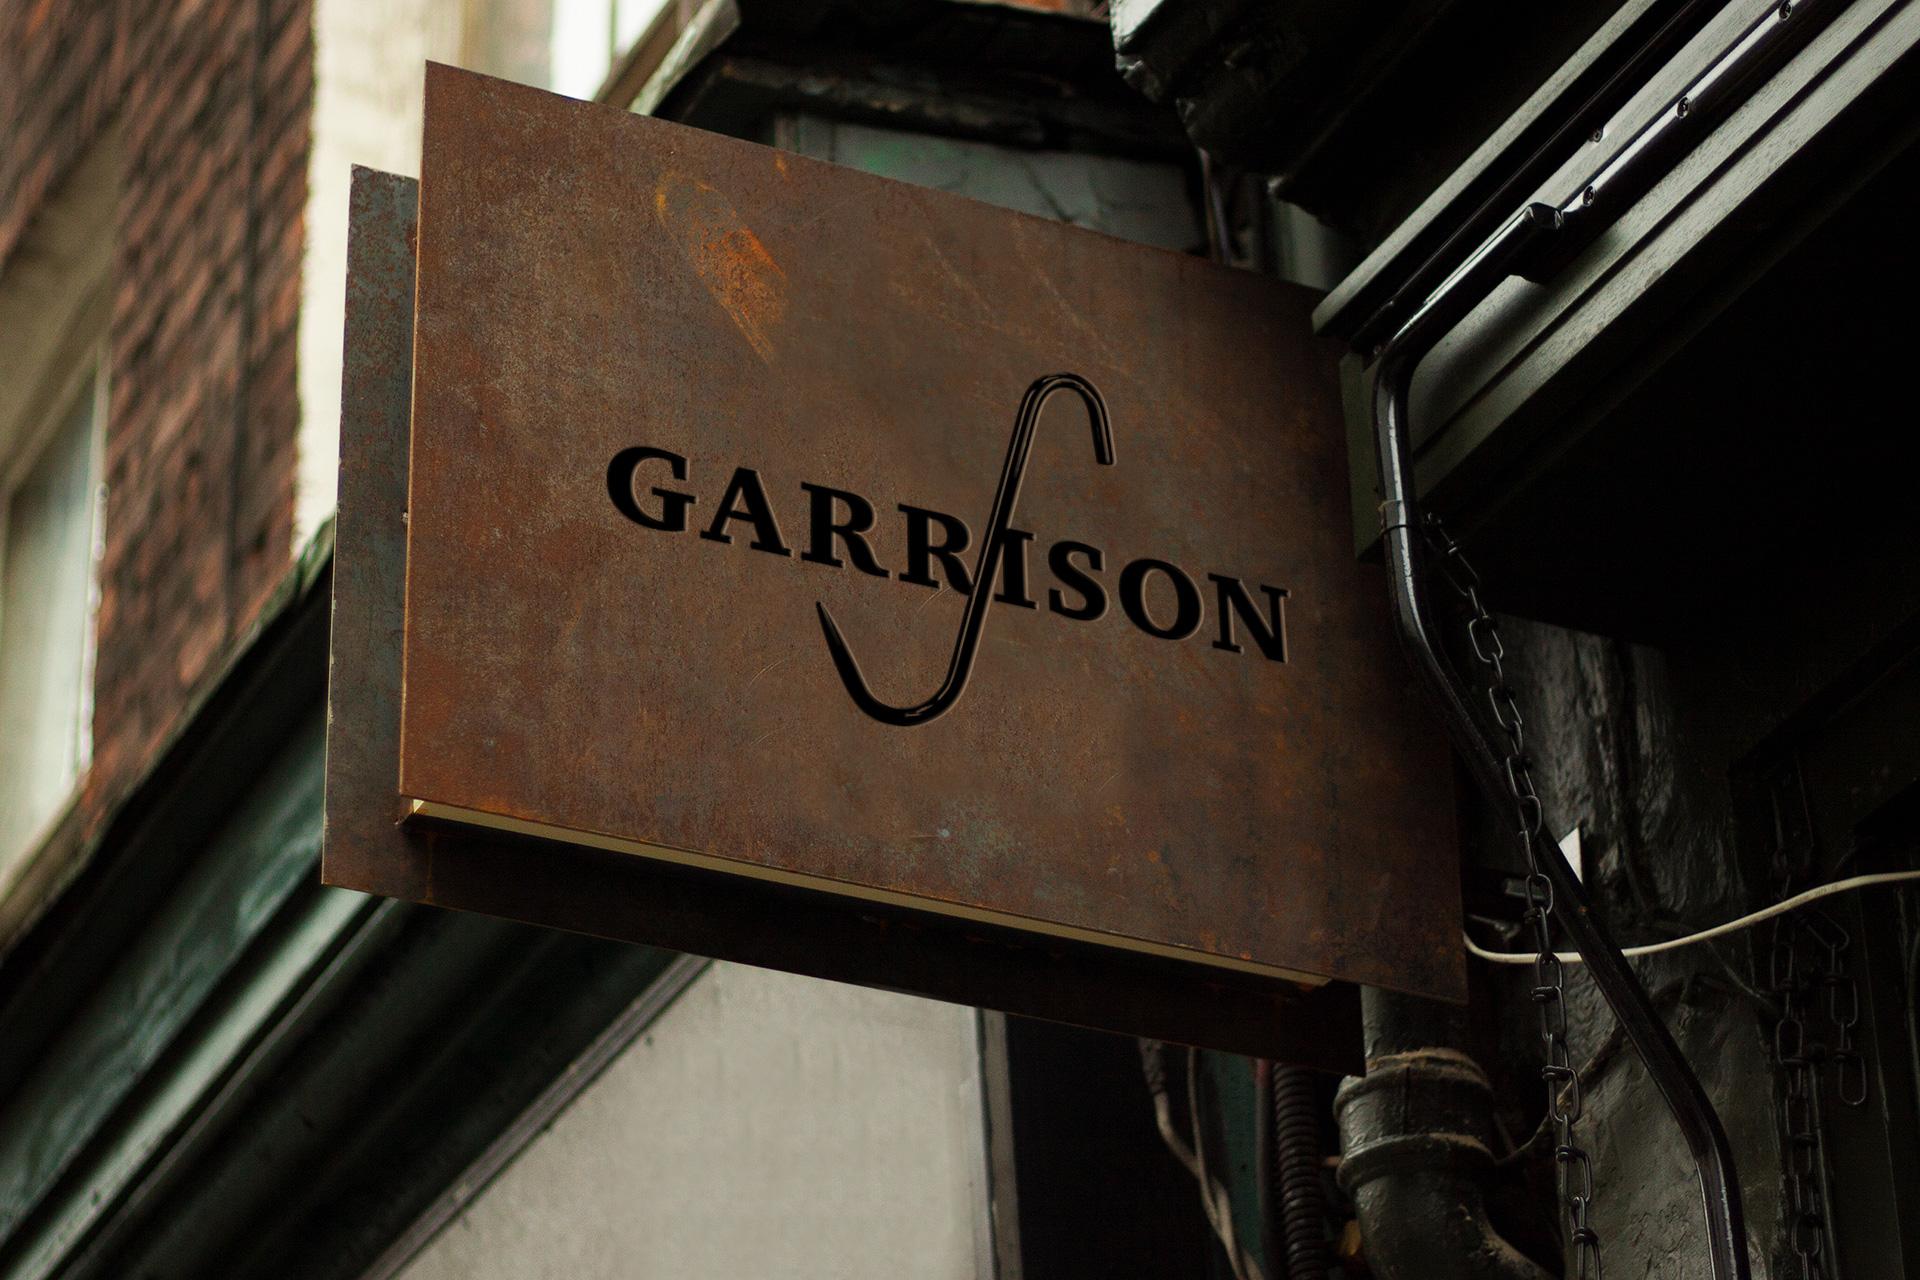 garrison_sign2.jpg